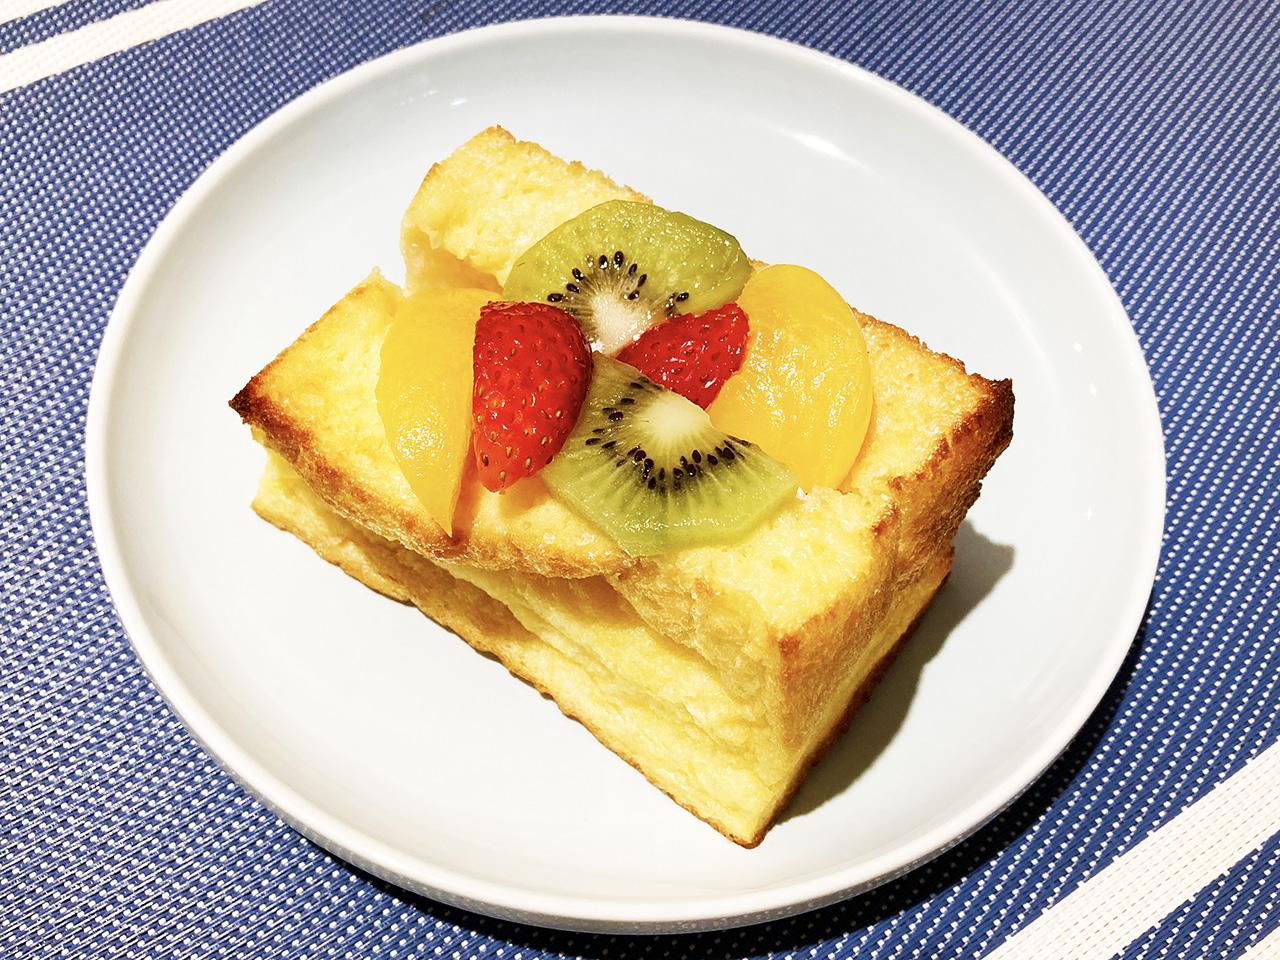 至福の逸品♪『ブーランジェリーメゾンユキ』のフルーツフレンチトーストを頂きました♪